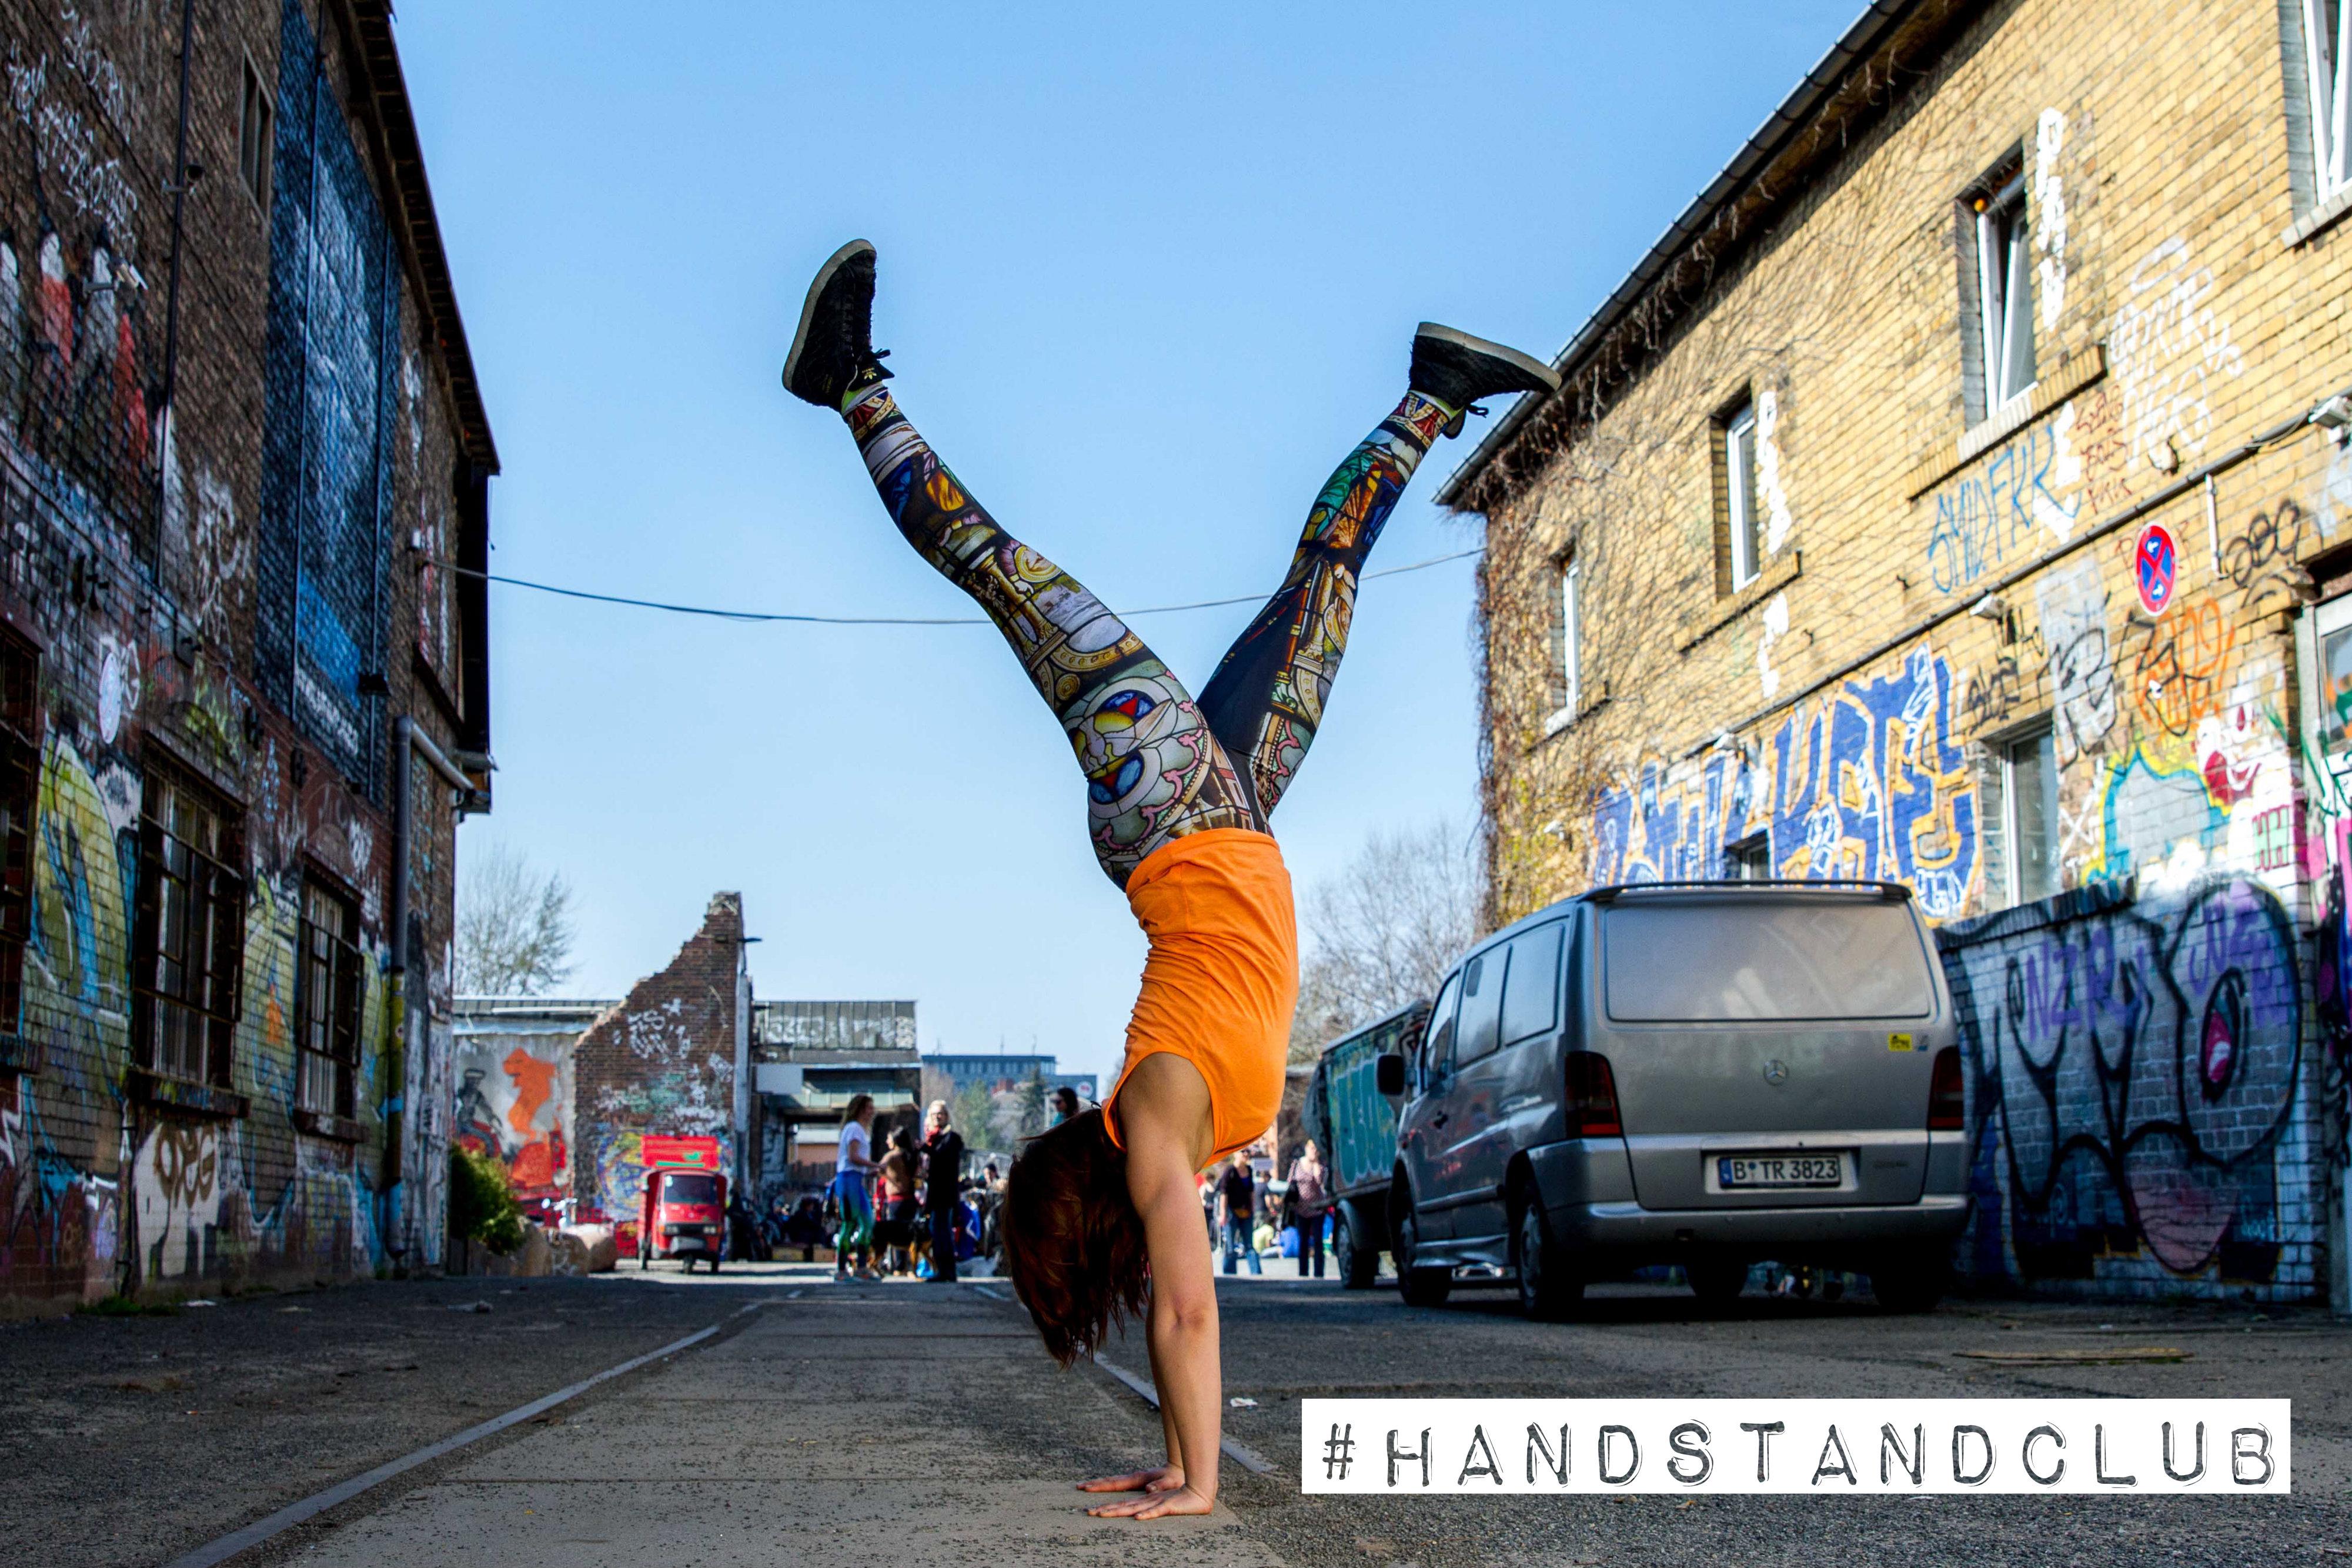 Handstandclub